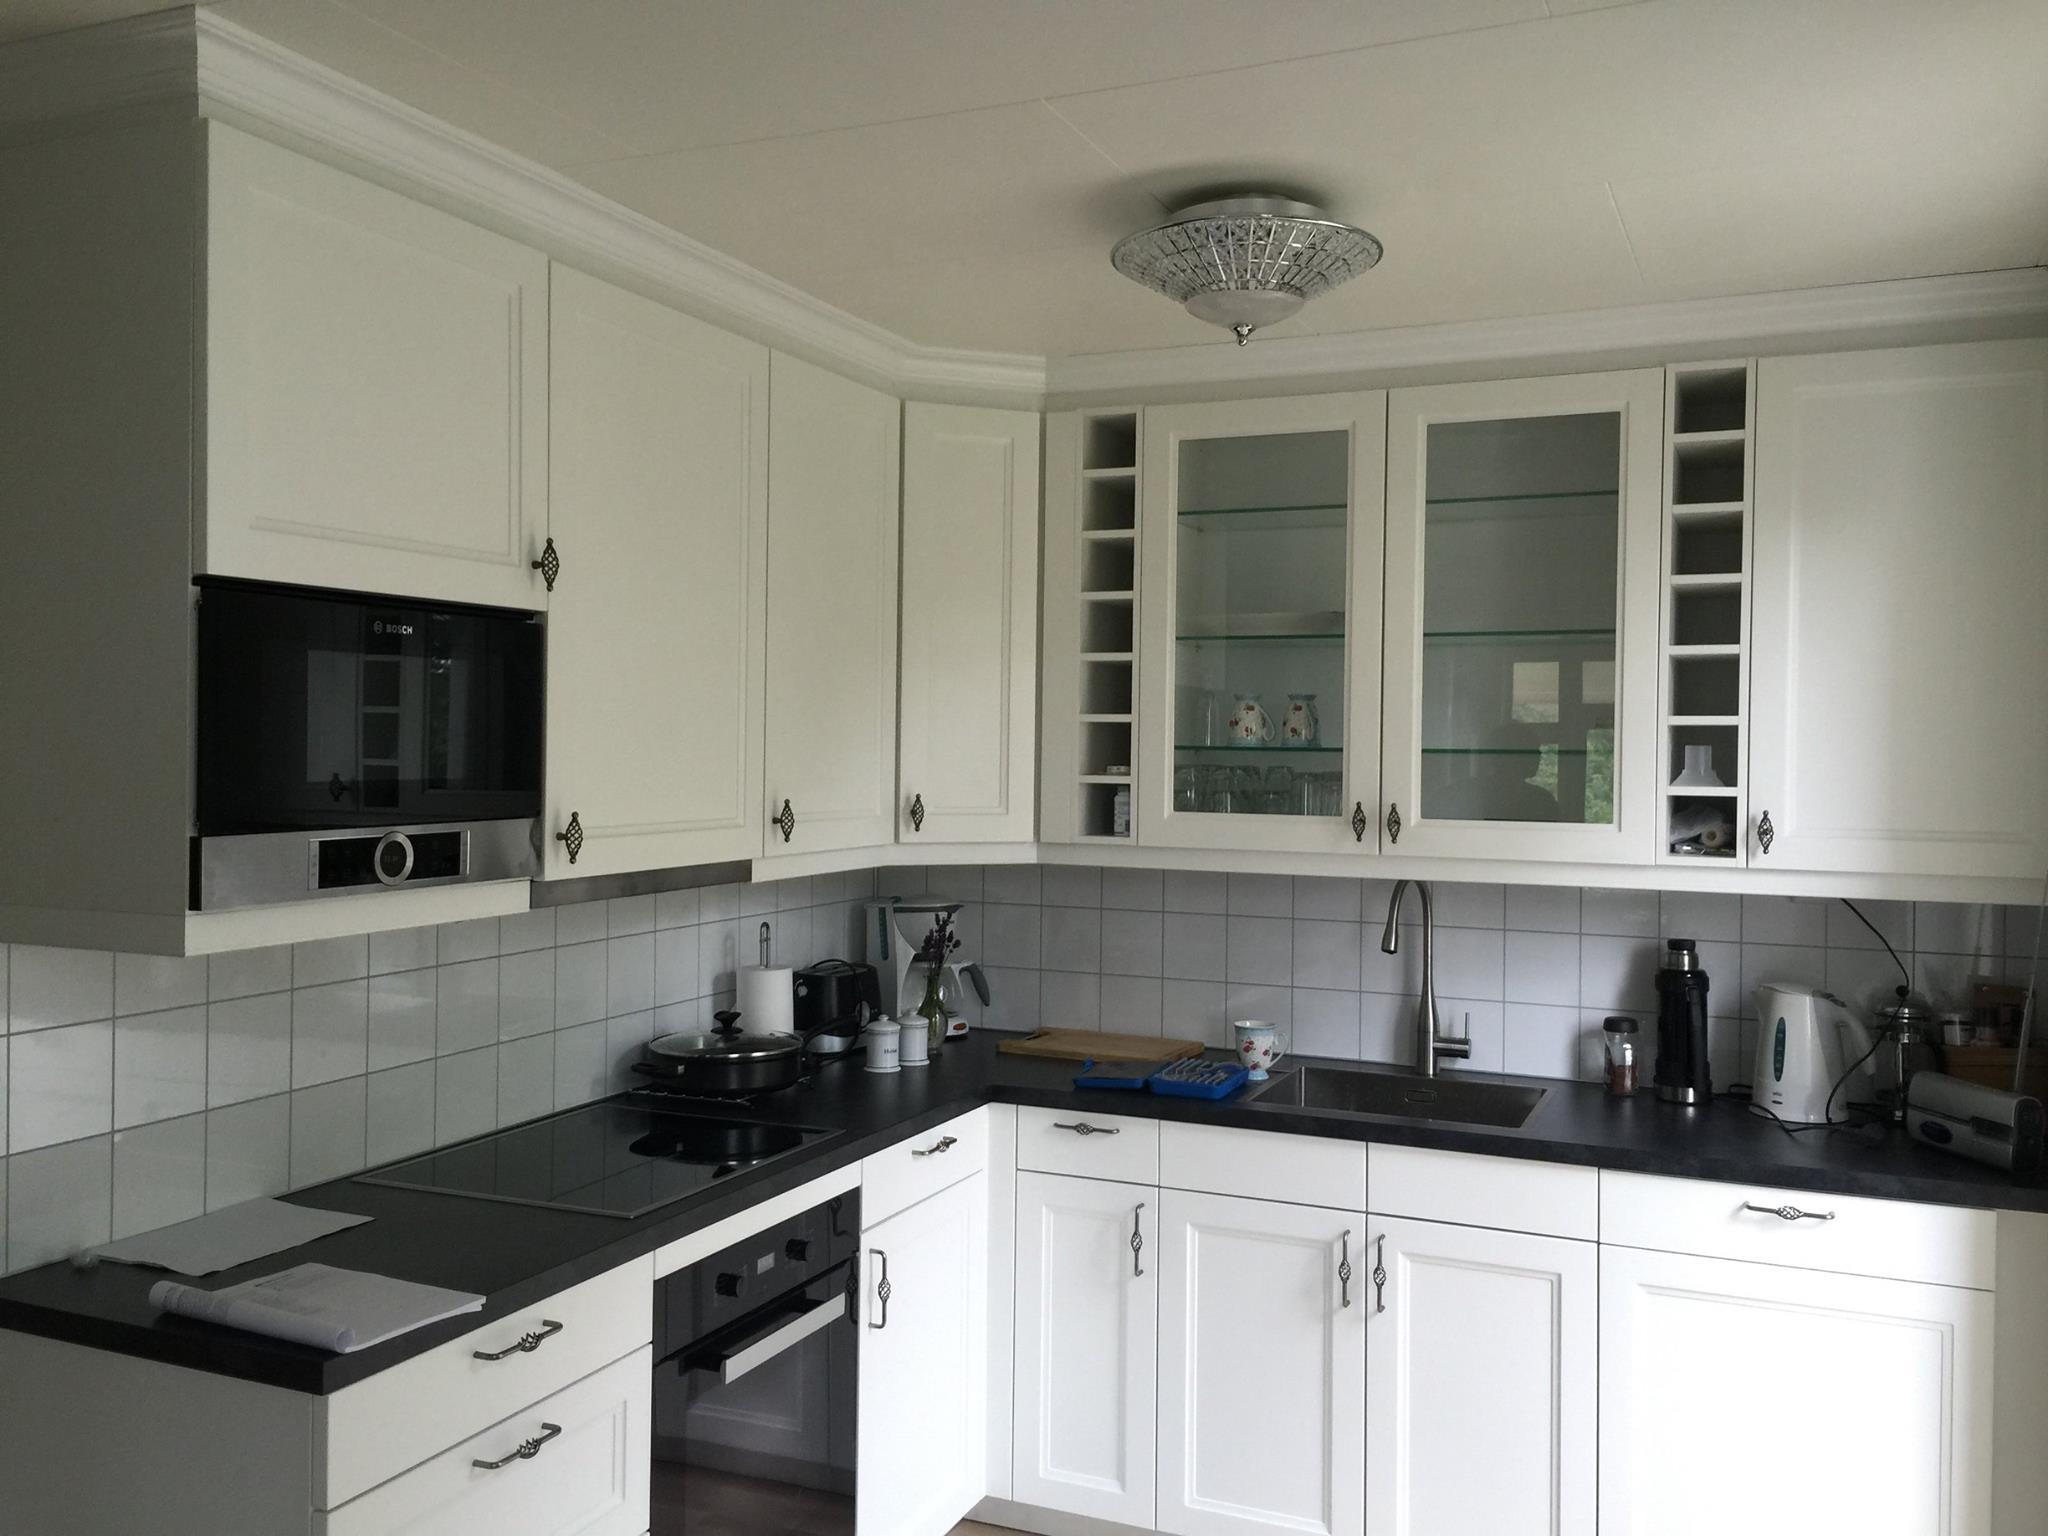 Ferdigmonterte kjøkken » Wagner kjøkken